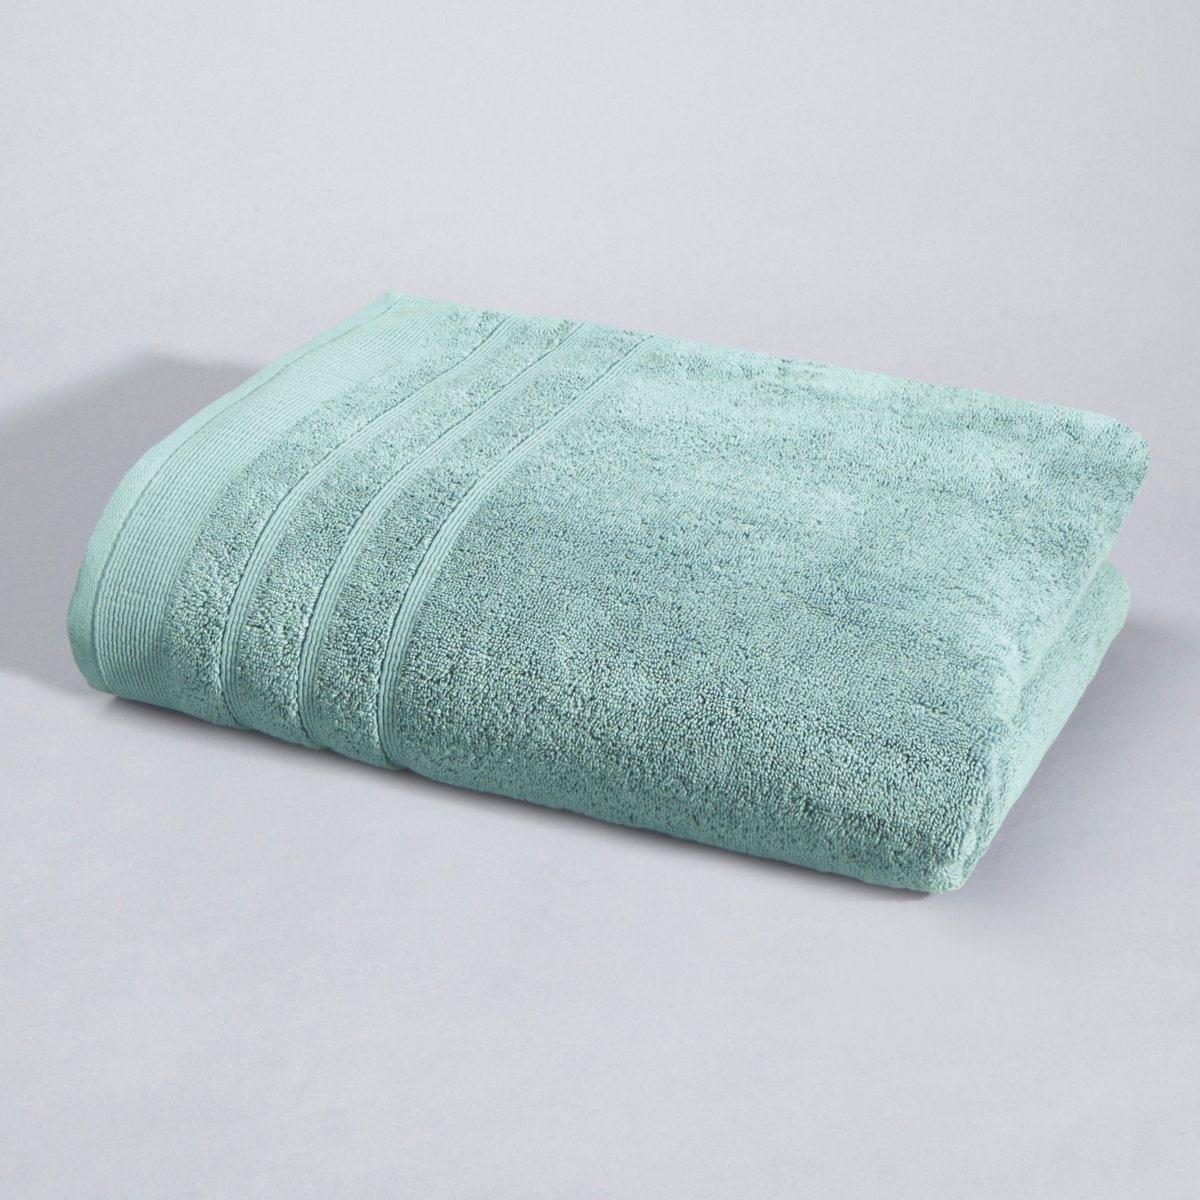 Полотенце банное 600 г/м?, Качество BestХарактеристики банного полотенца :Качество BEST.Махровая ткань 100 % хлопка.Машинная стирка при 60°.Размеры банного полотенца:70 x 140 см.<br><br>Цвет: бежевый,зеленый мох,розовая пудра,Серо-синий,синий морской,фиолетовый,шафран